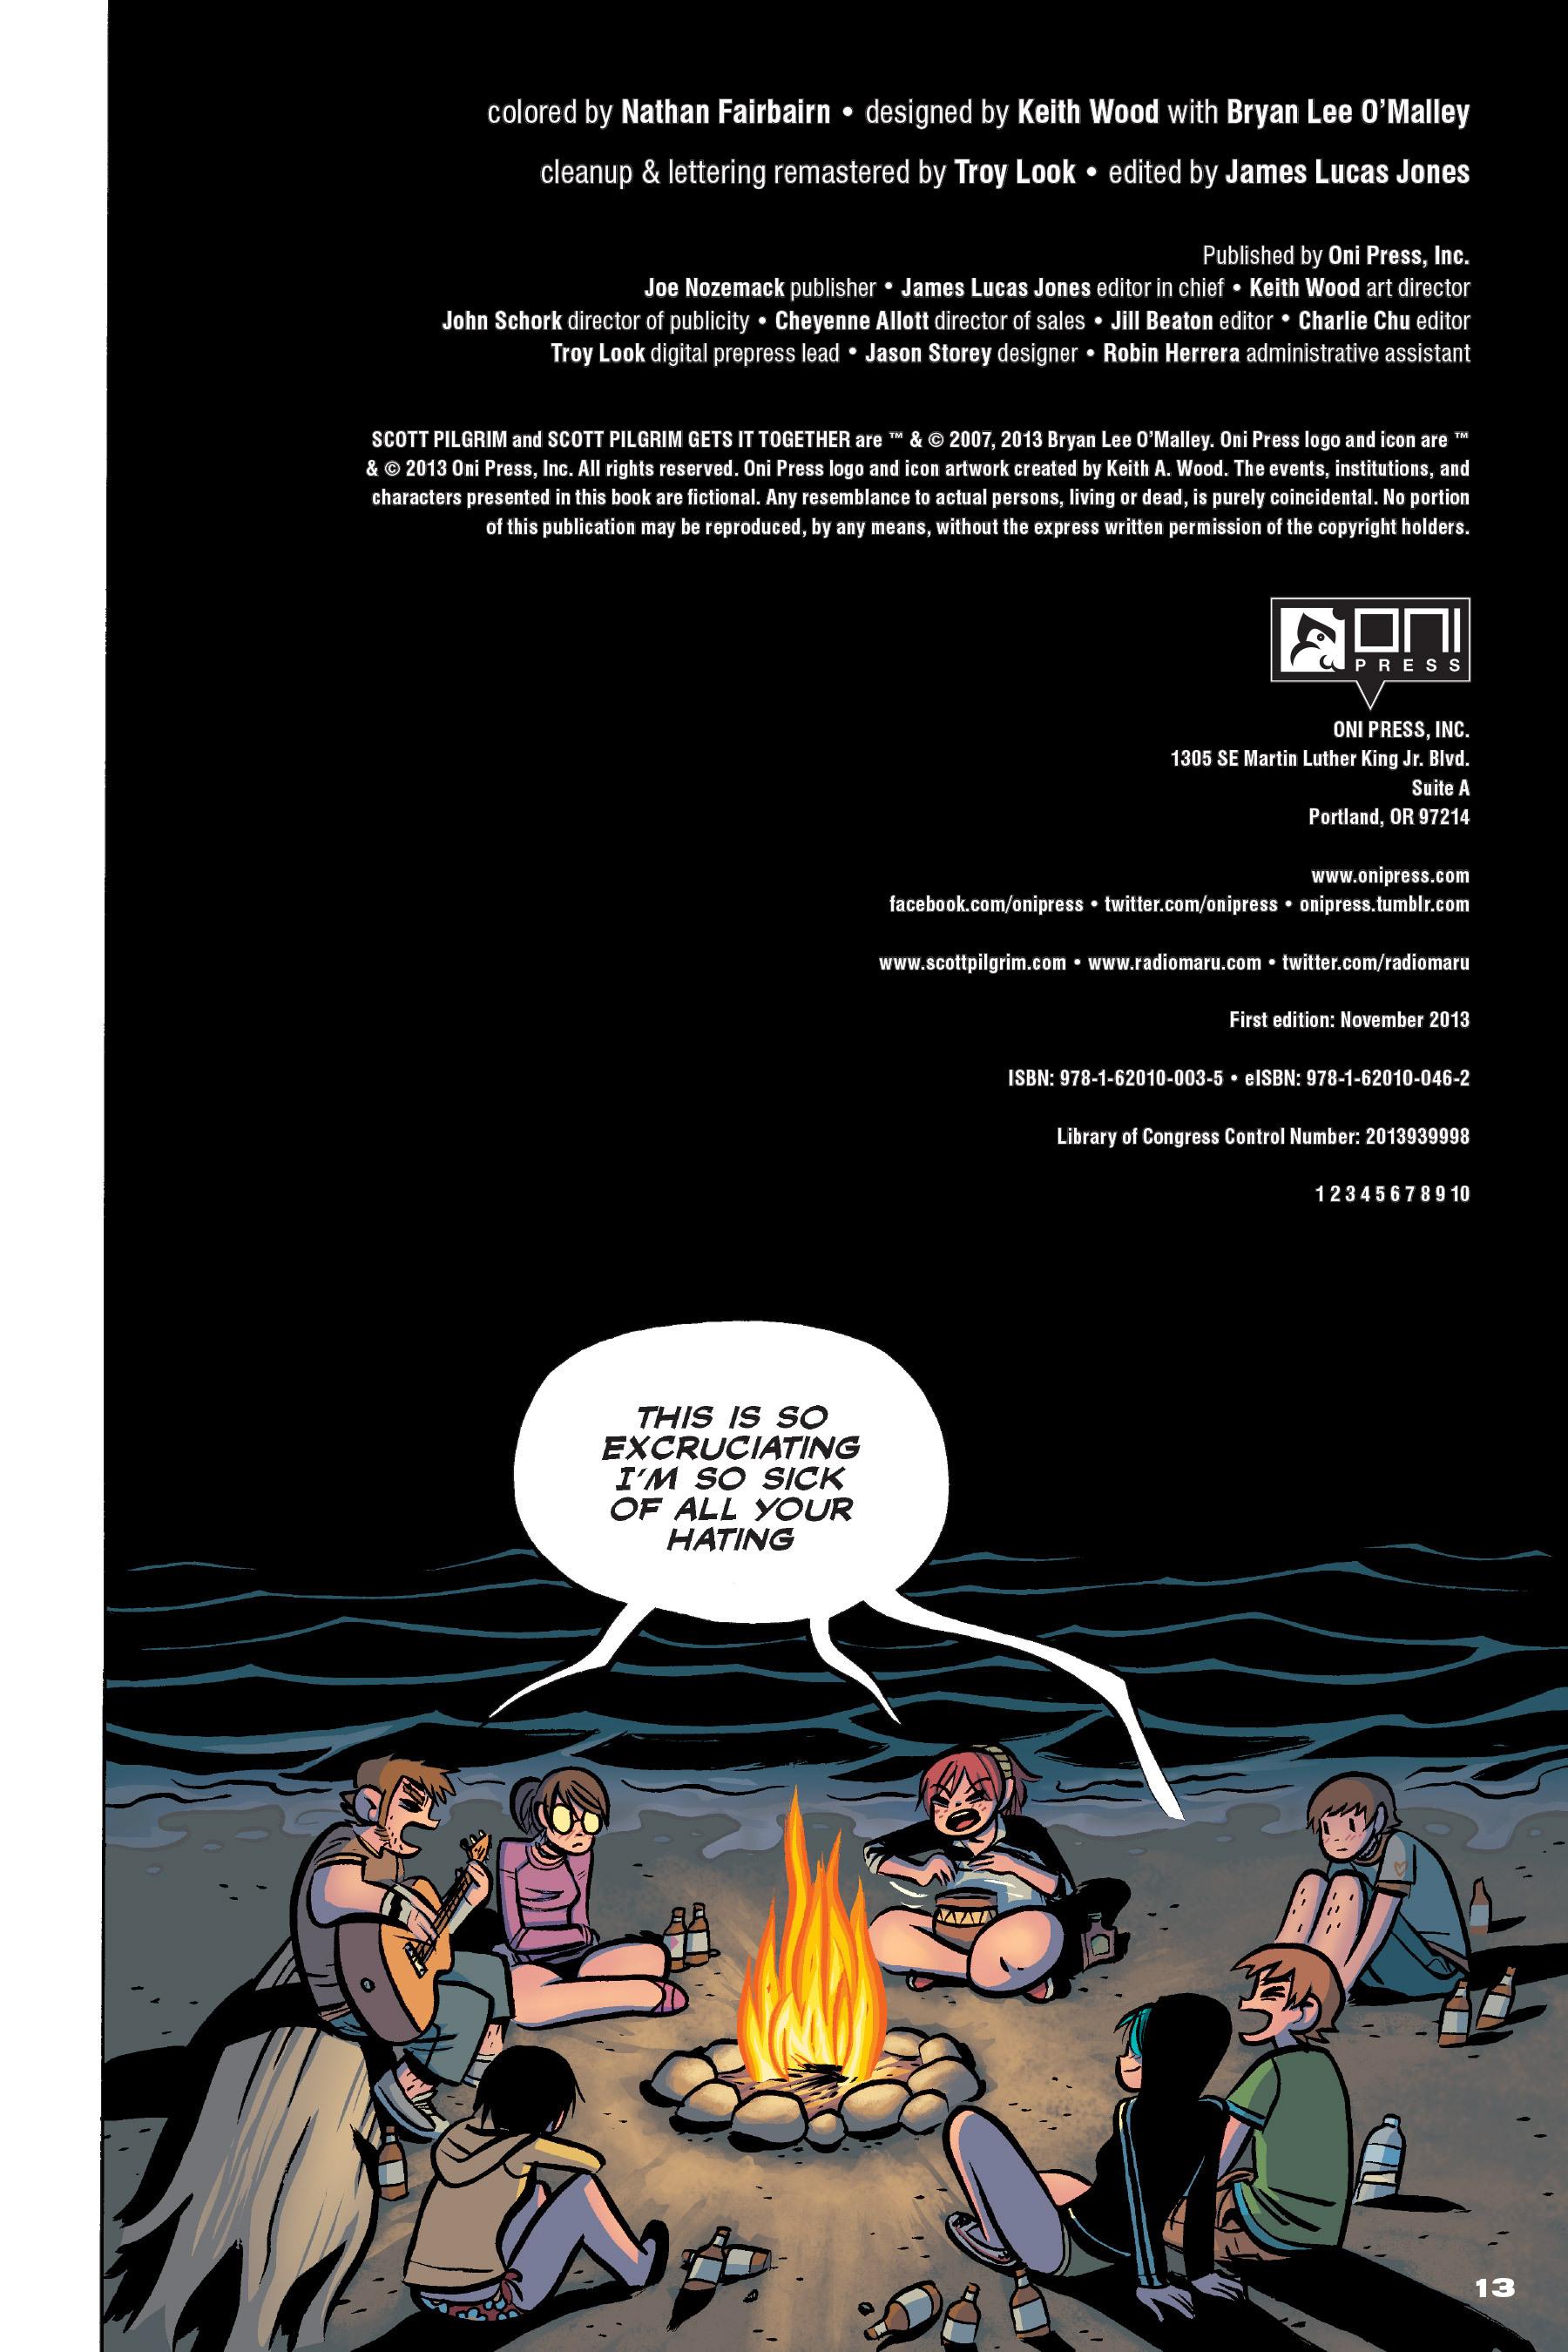 Read online Scott Pilgrim comic -  Issue #4 - 12